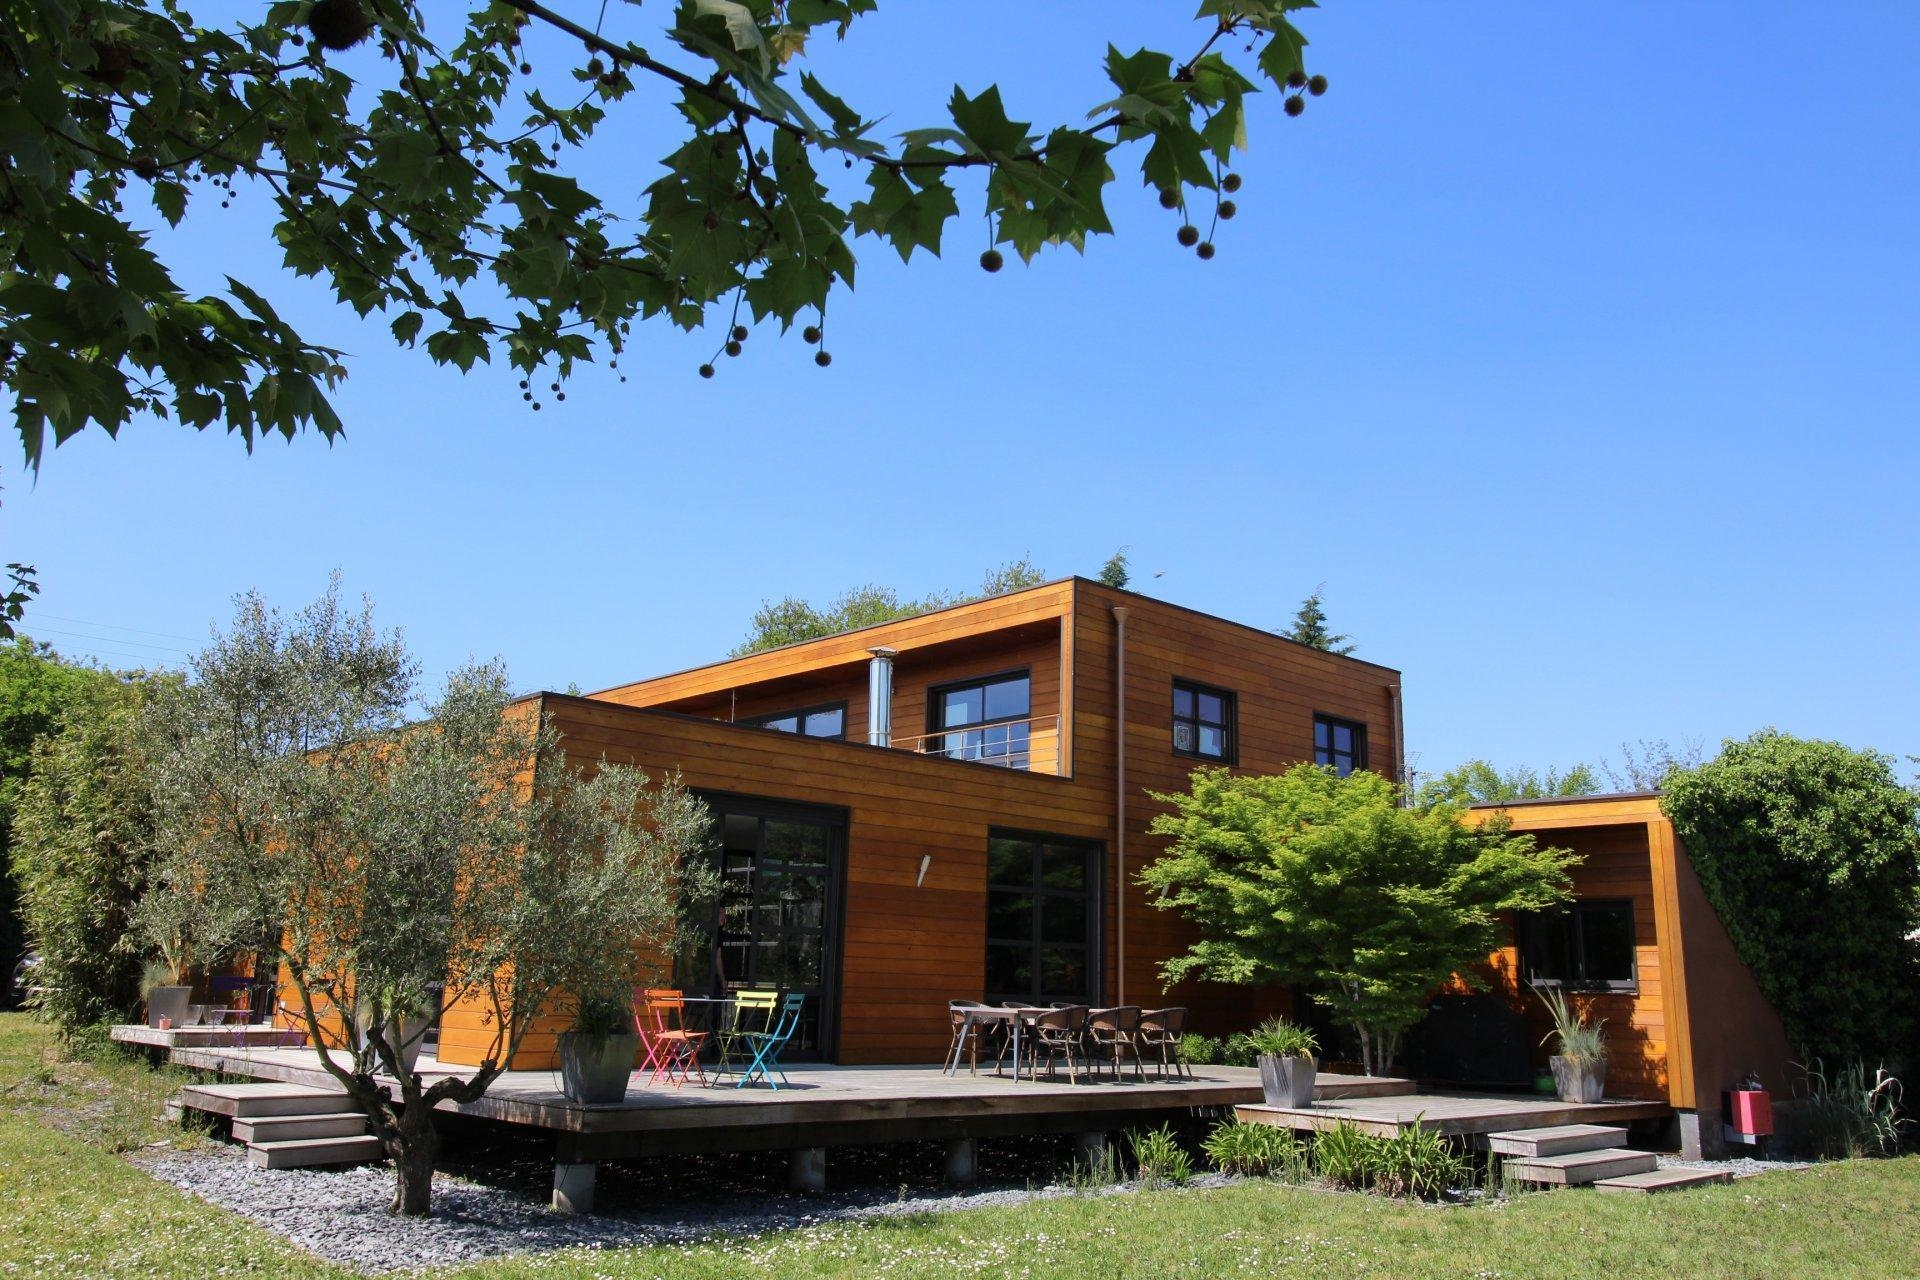 Vente maison villa bordeaux merignac grande maison en bois avec piscine avec 5 chambres for Construction maison en bois bordeaux